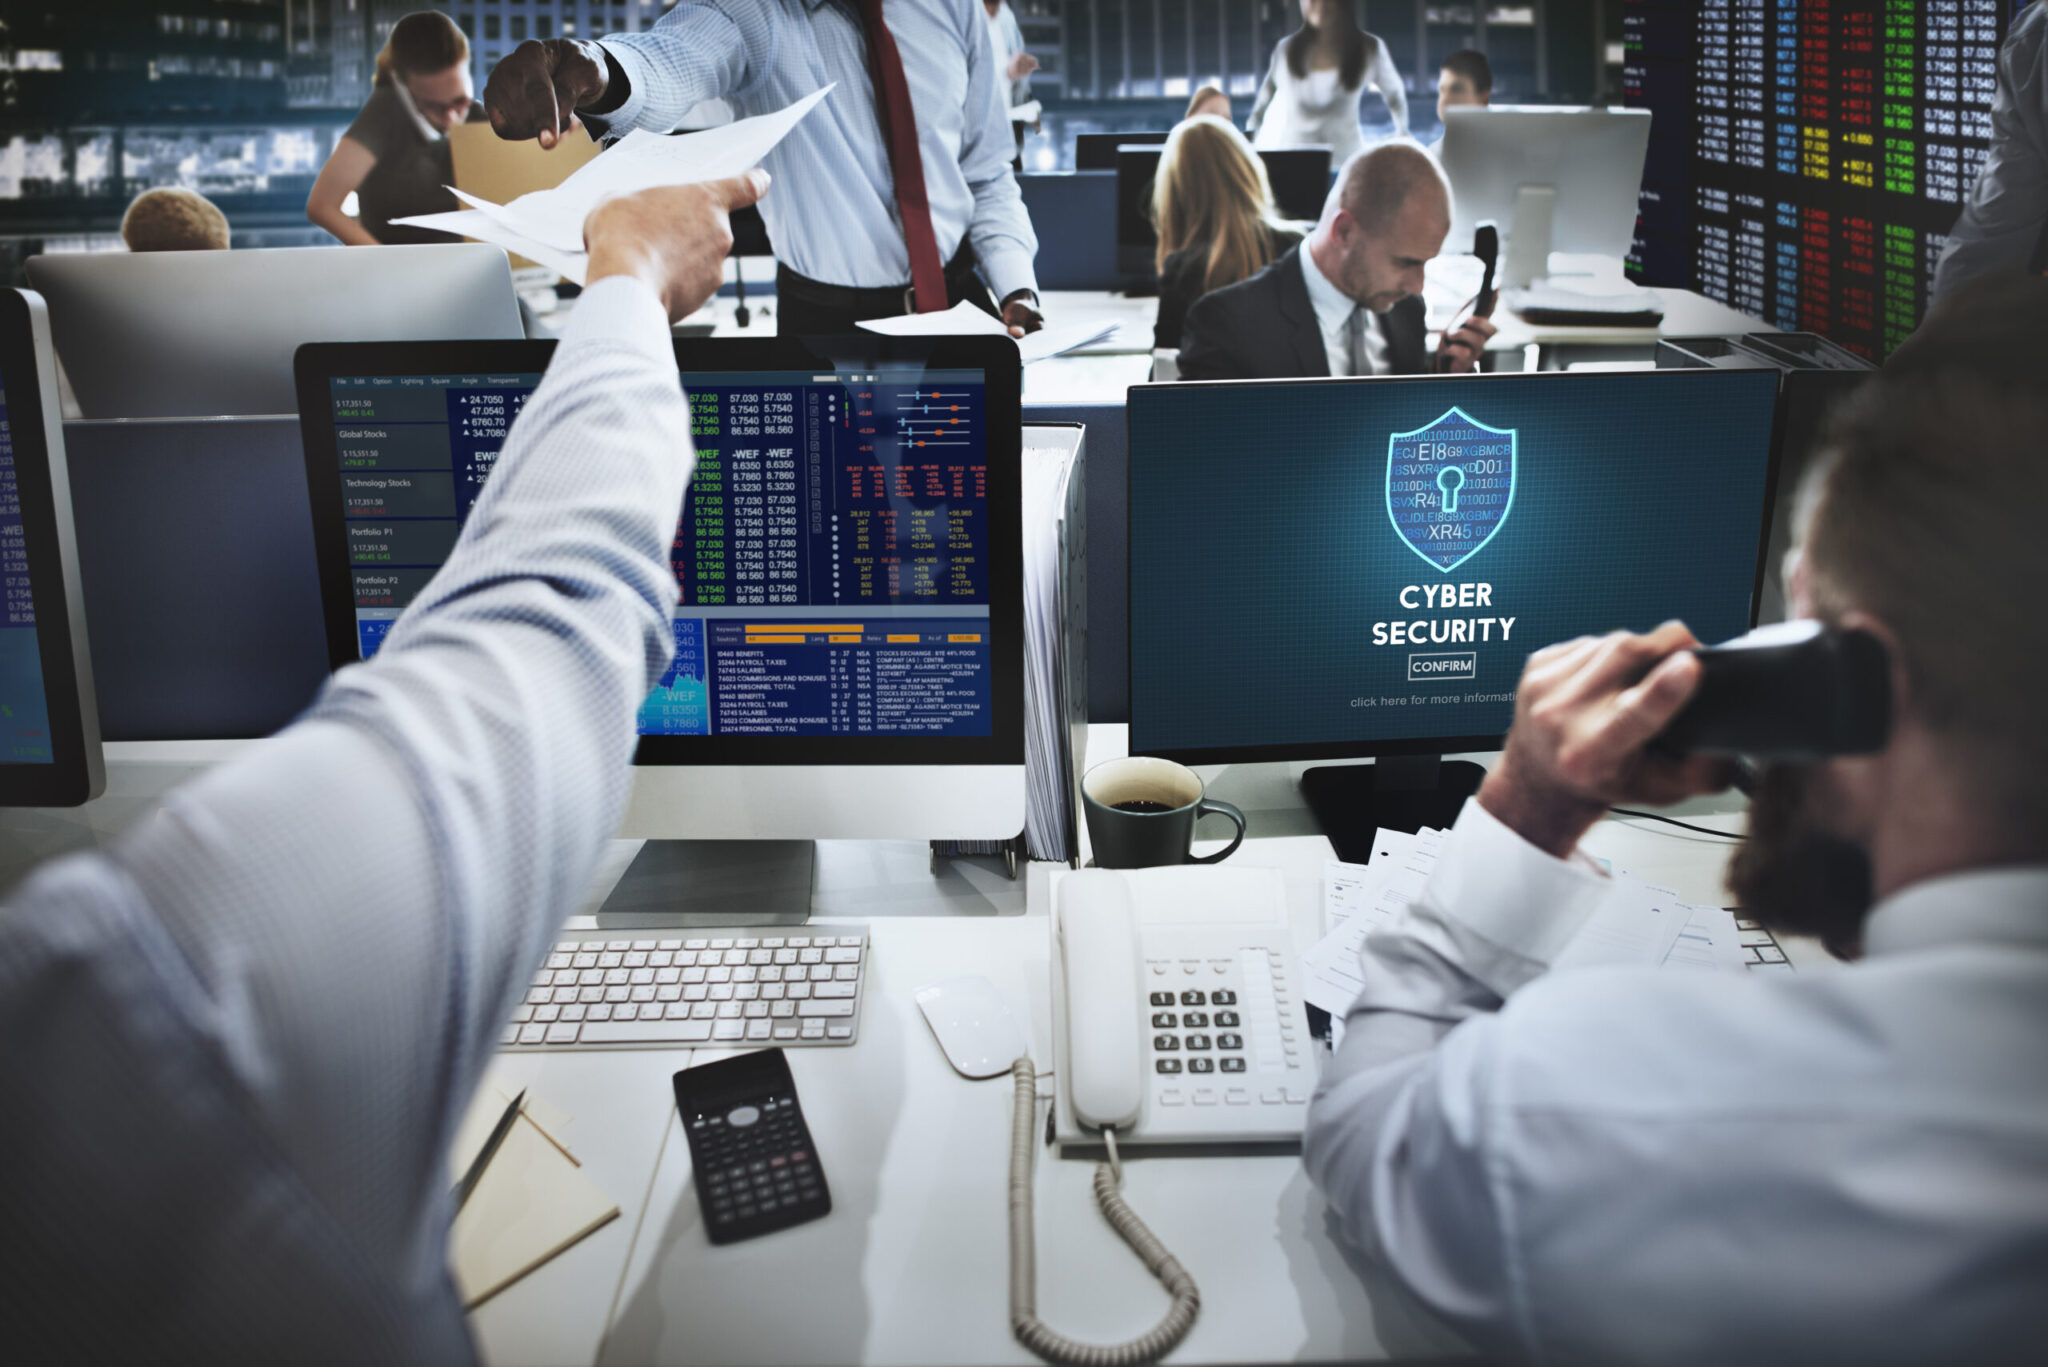 A Padova la pirma Accademia di Cyber Security